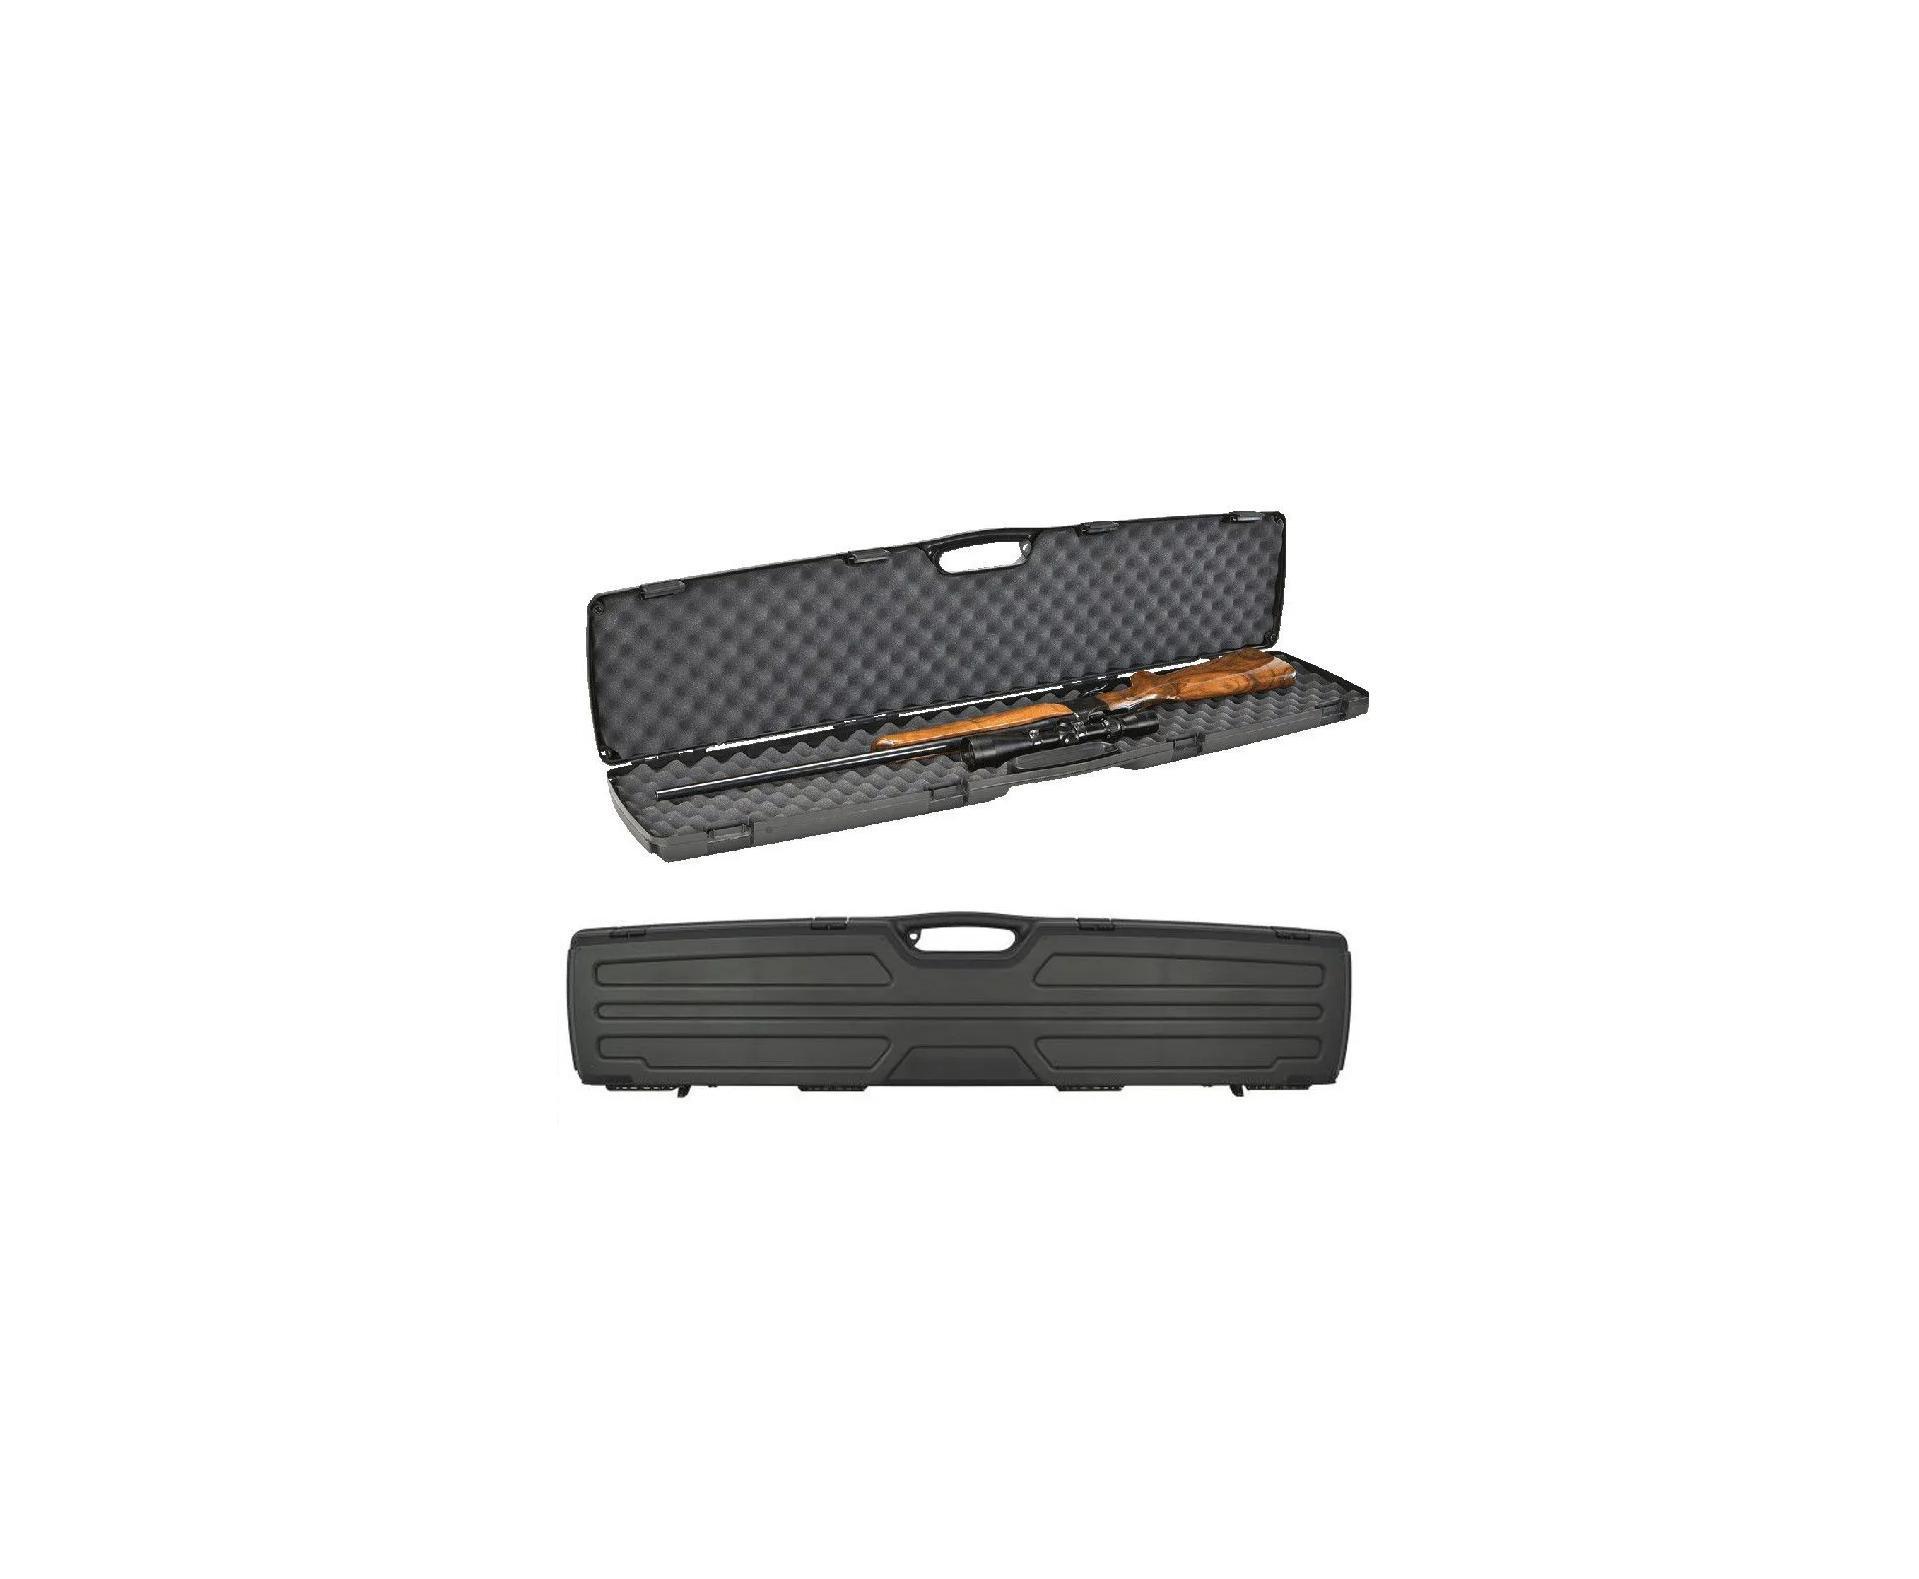 Caixa (case) Para Arma - Gun Guard 10-10470 / 1010475 Se - Plano